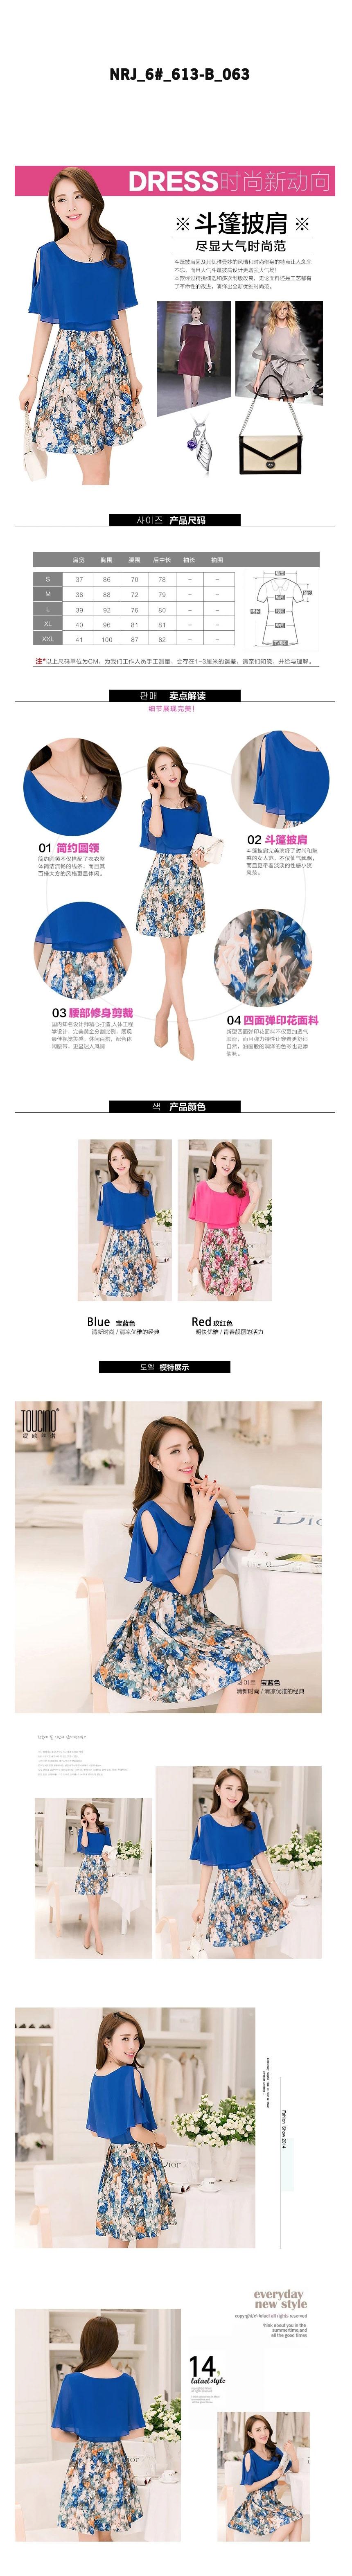 Premium Korean Fashion OL Dress Semi-formal Dresses Tops Work Dress Casual  Dress Denim cdc69a07f